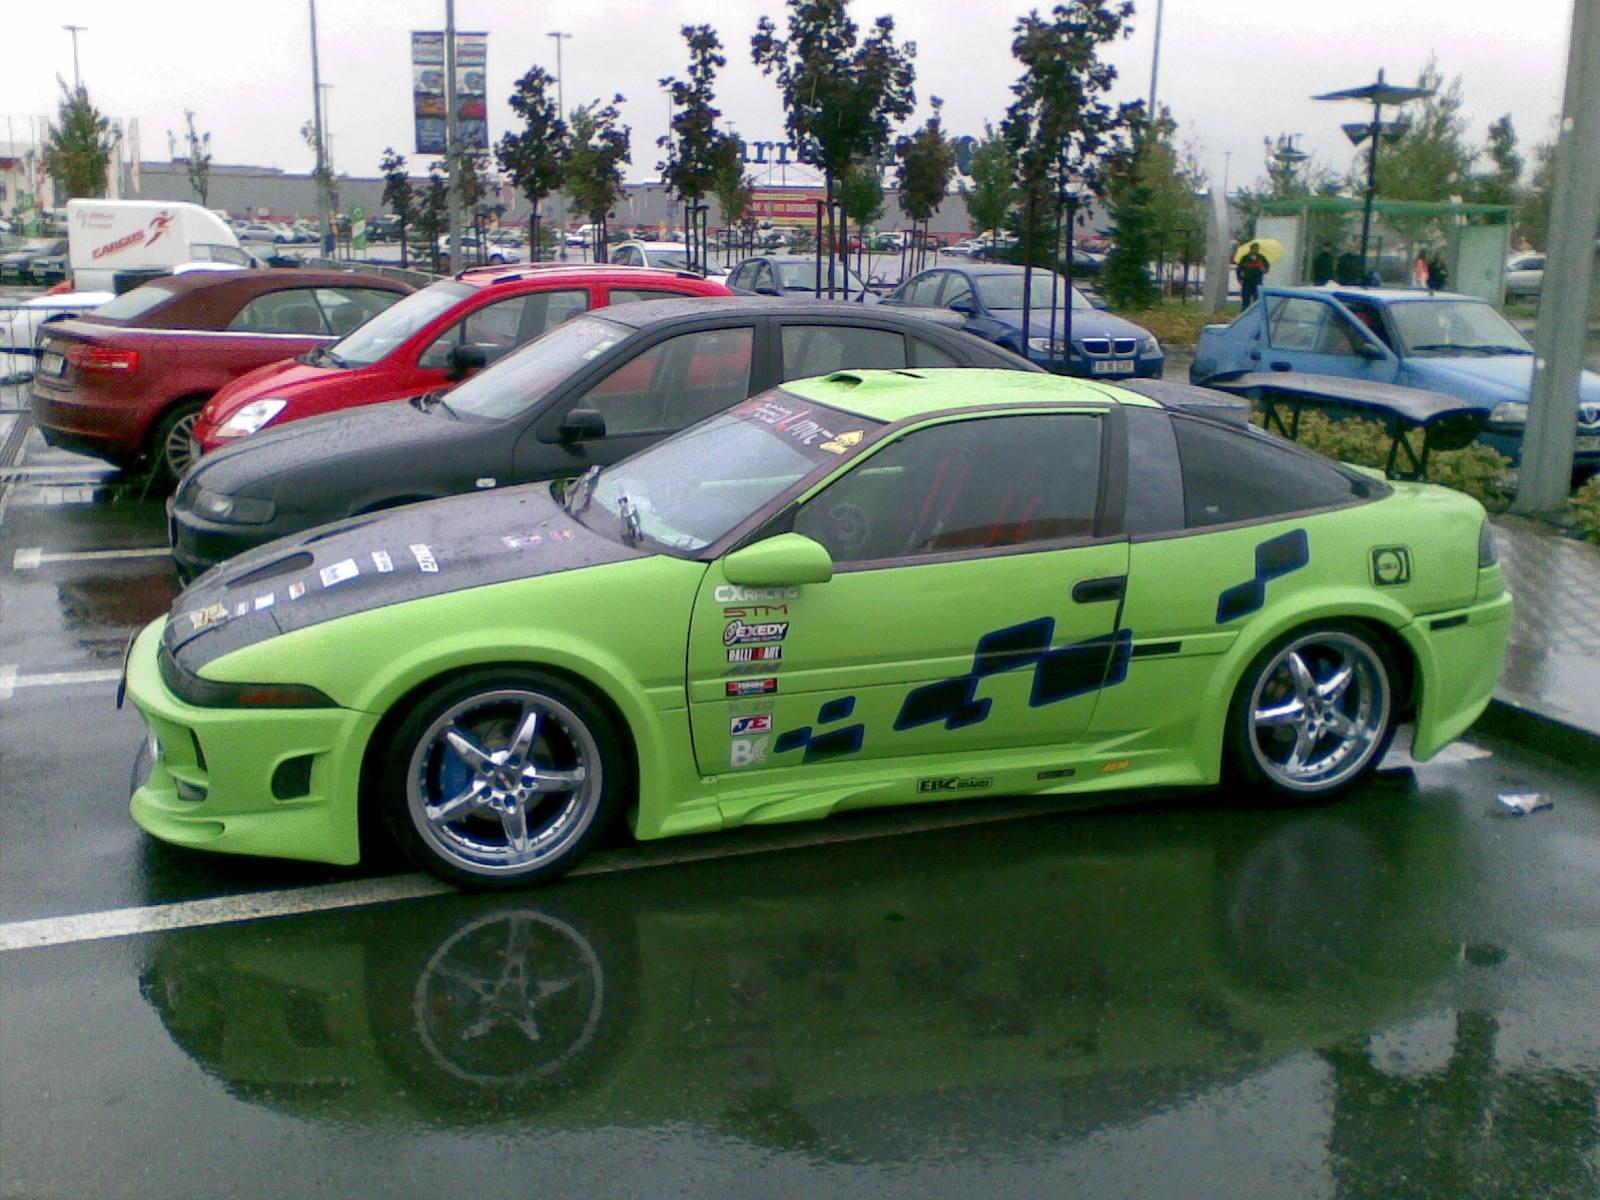 Probabil cea mai tunata masina din Romania: Mitsubishi Eclipse - Probabil cea mai tunata masina din Romania: Mitsubishi Eclipse